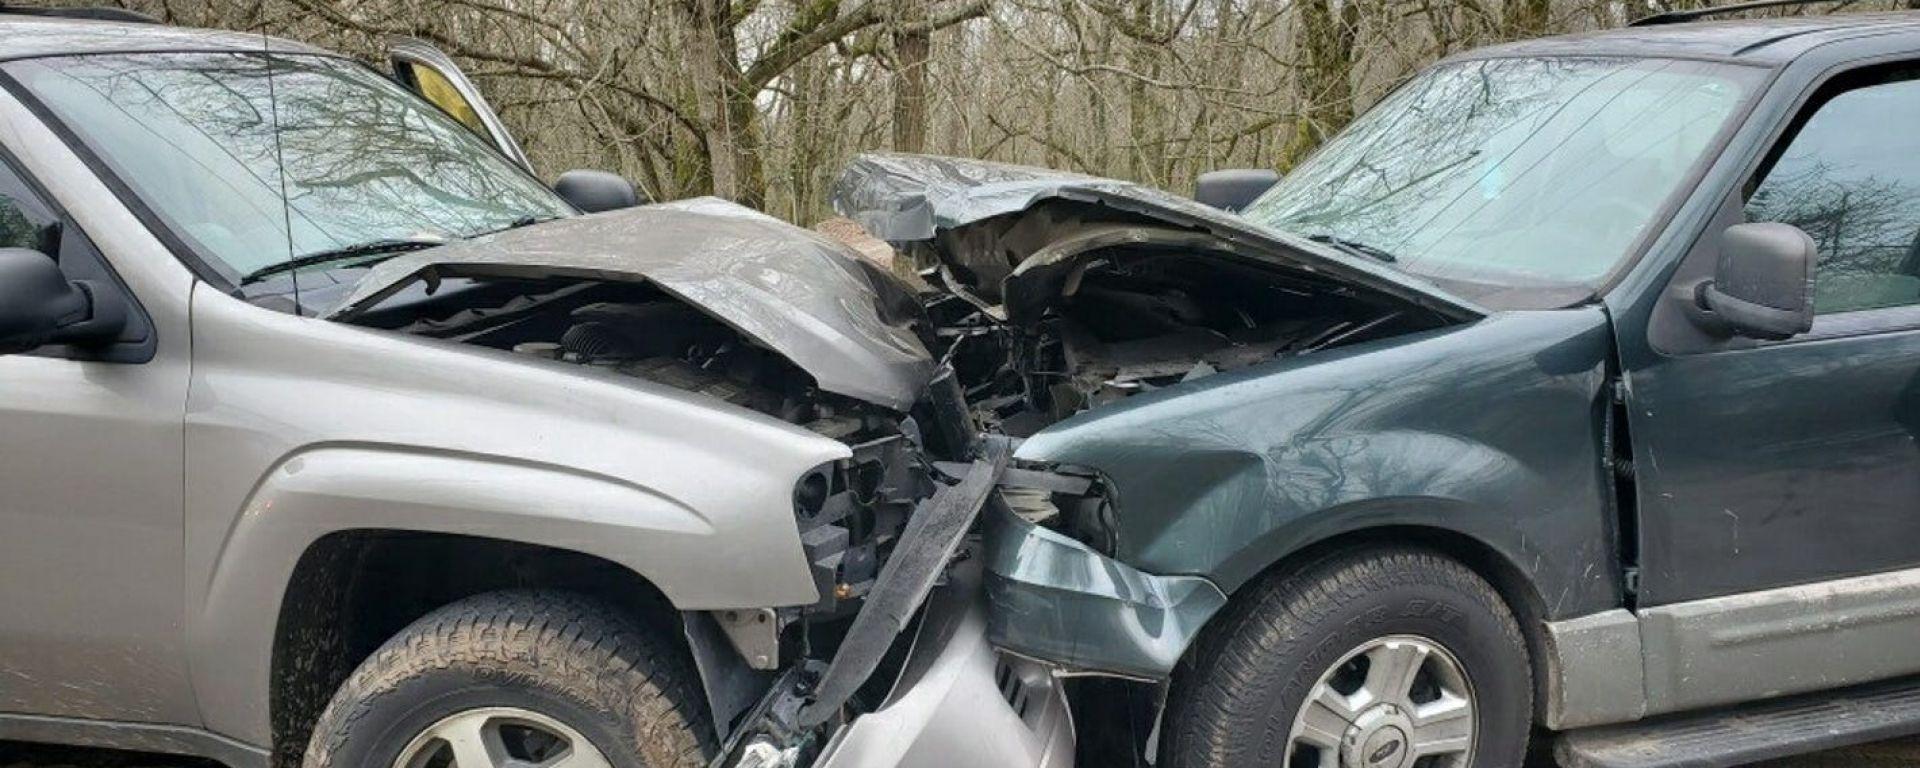 Incidenti d'auto: quali sono i modelli più sicuri?